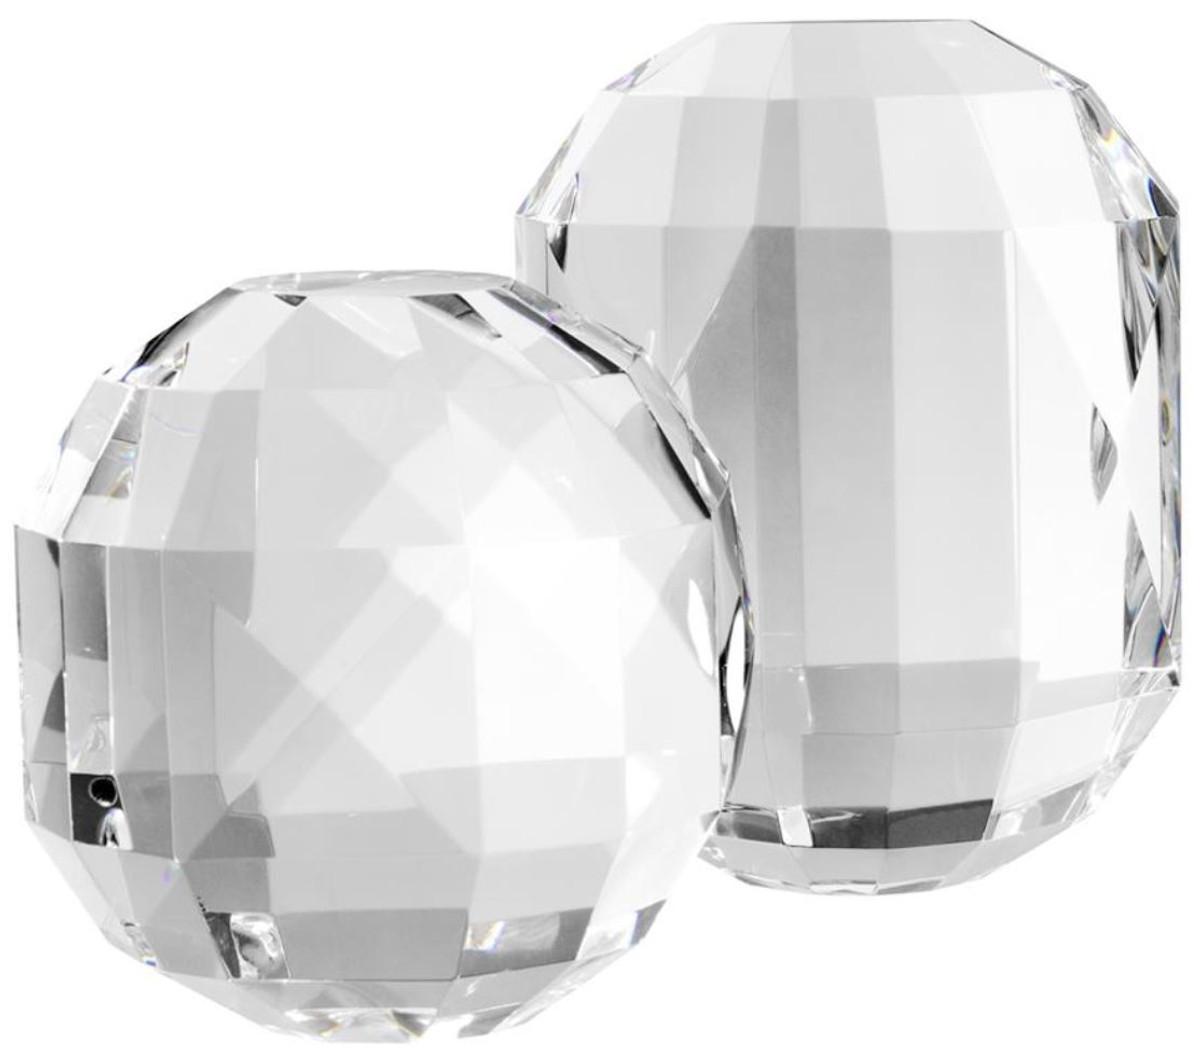 Casa Padrino Luxus Kristallglas Deko Objekte Set   Hotel Restaurant  Wohnzimmer Büro Dekoration